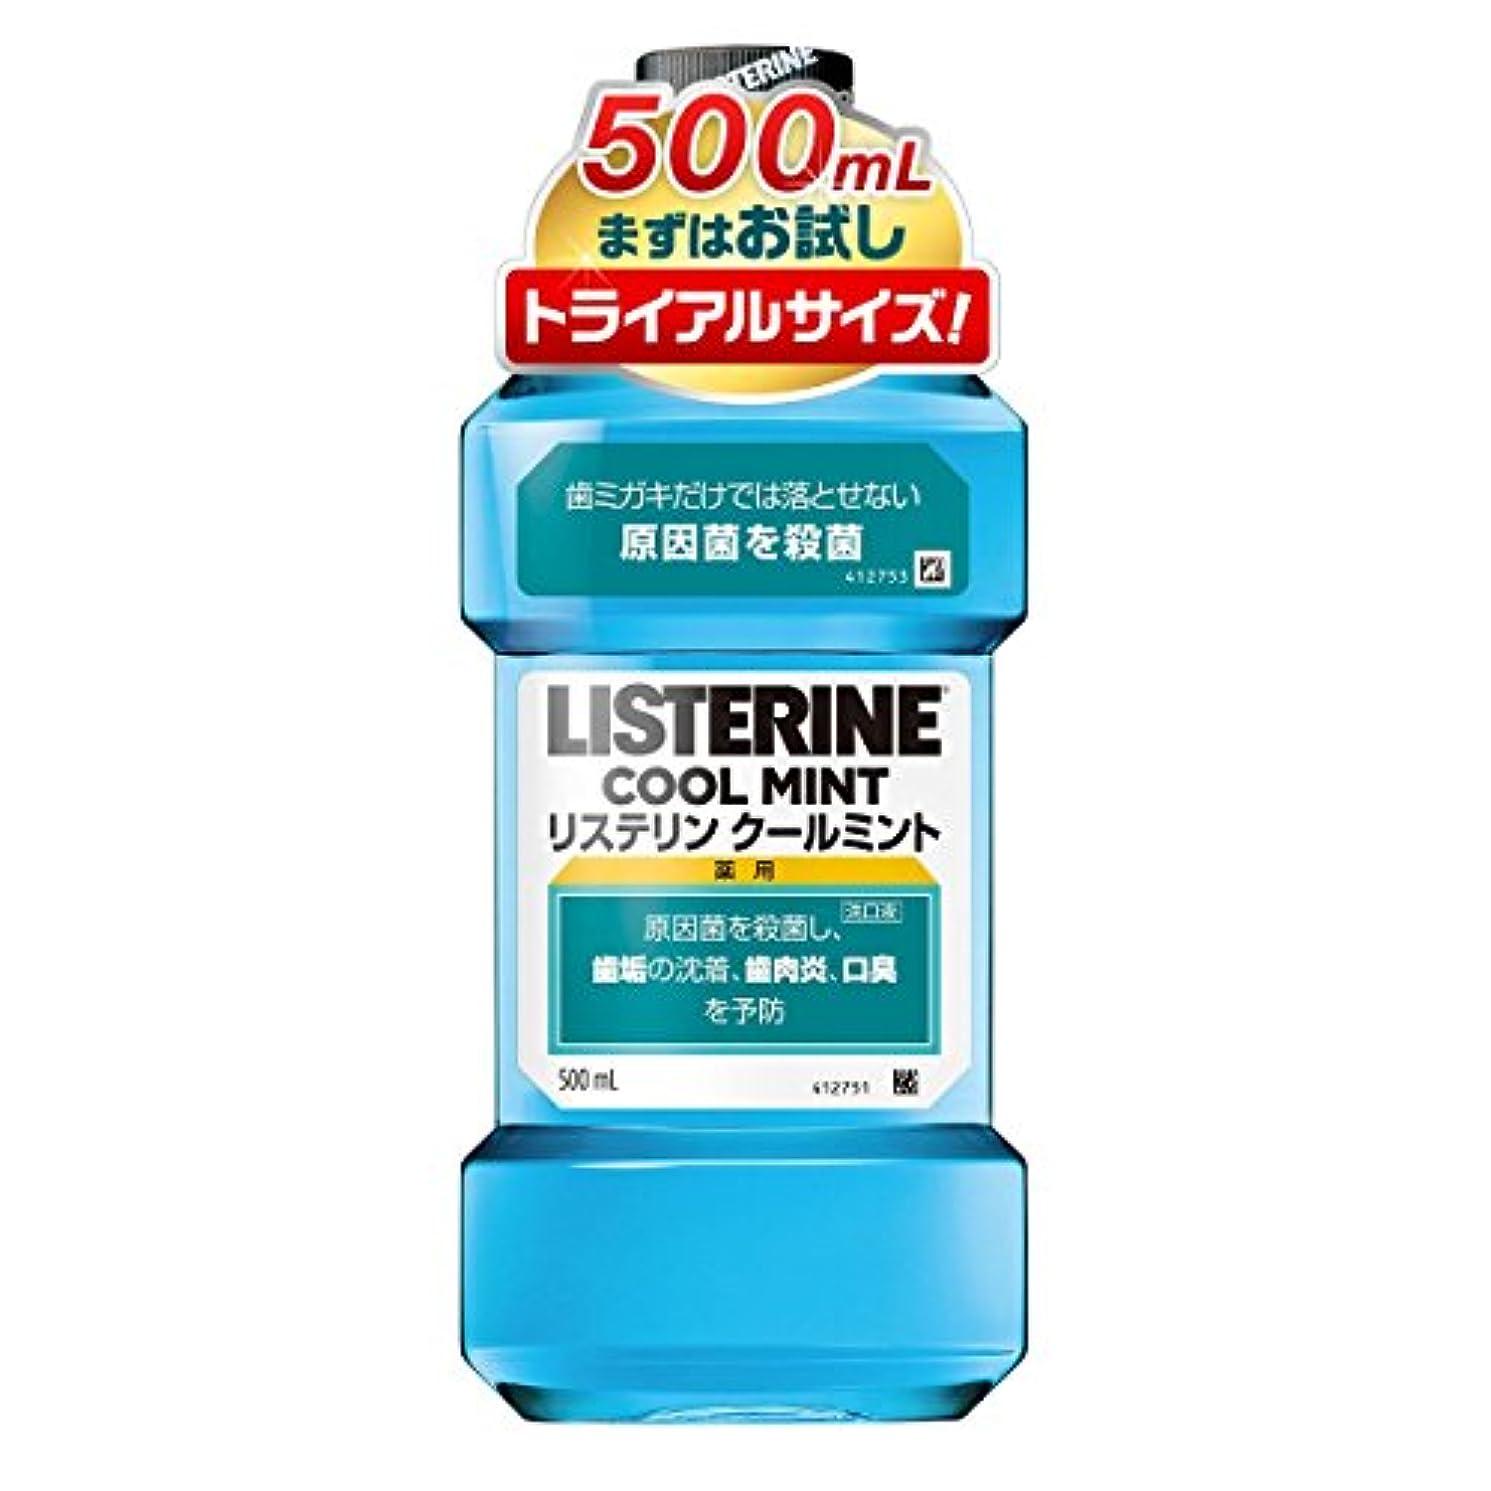 ラッドヤードキップリング入学する近々薬用 LISTERINE リステリン クールミント 500mL [医薬部外品]